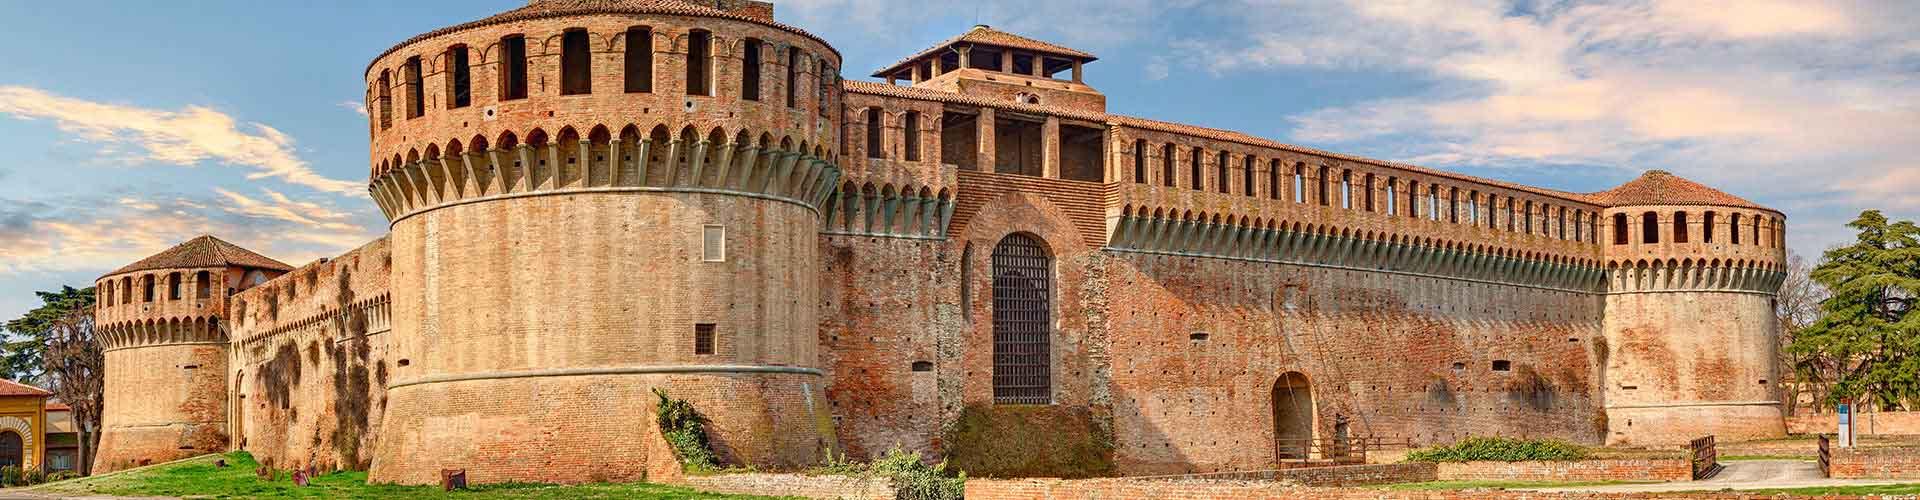 Bologna - Chambres pas chères dans le quartier de Marconi. Cartes pour Bologna, photos et commentaires pour chaque chambre à Bologna.